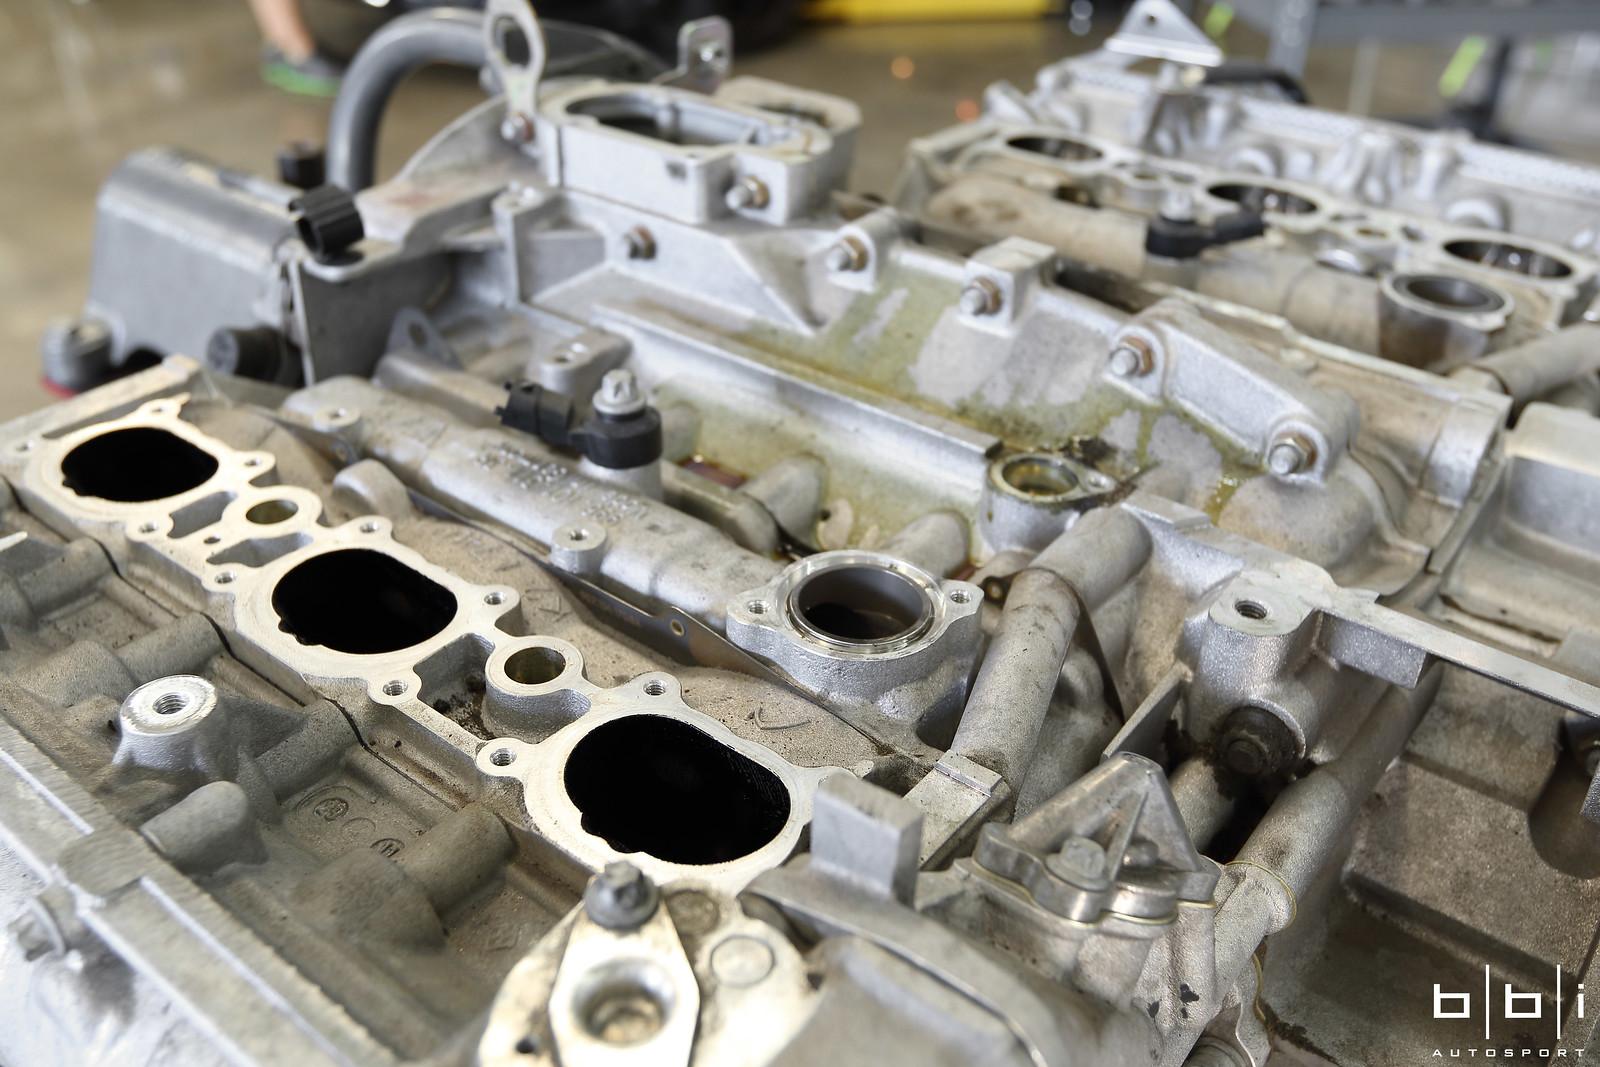 2010 Porsche GT3 Cup 3 8 Liter Factory Engine Rebuild at